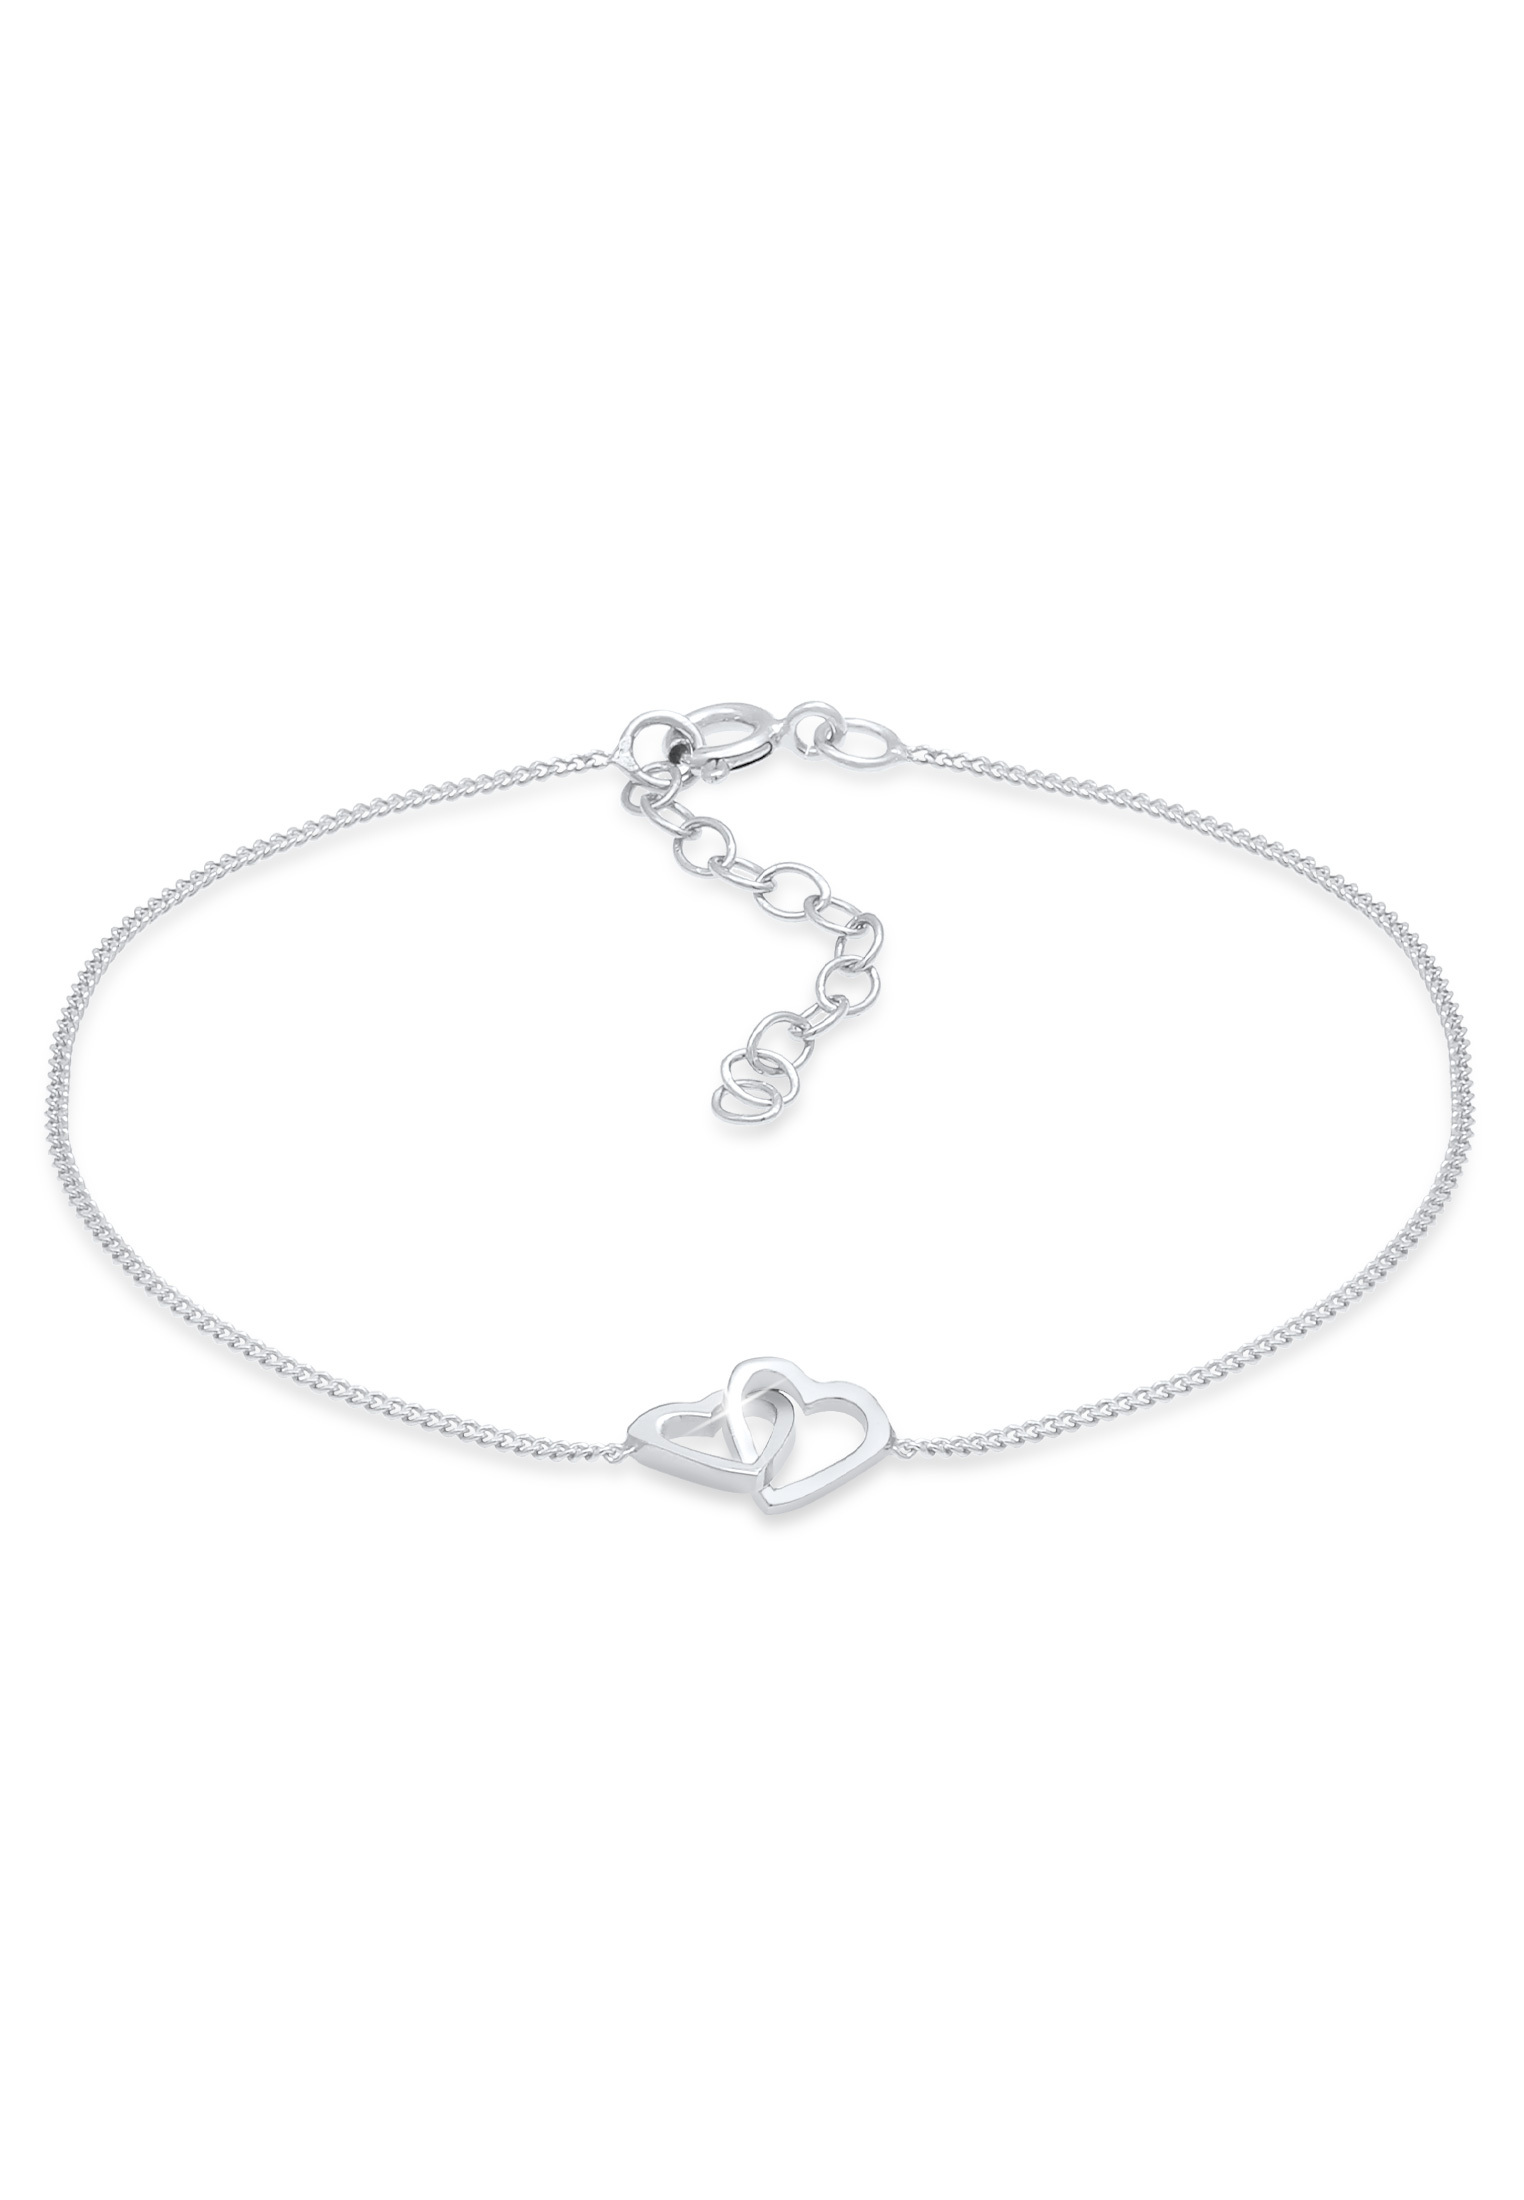 Armband Herz   925er Sterling Silber